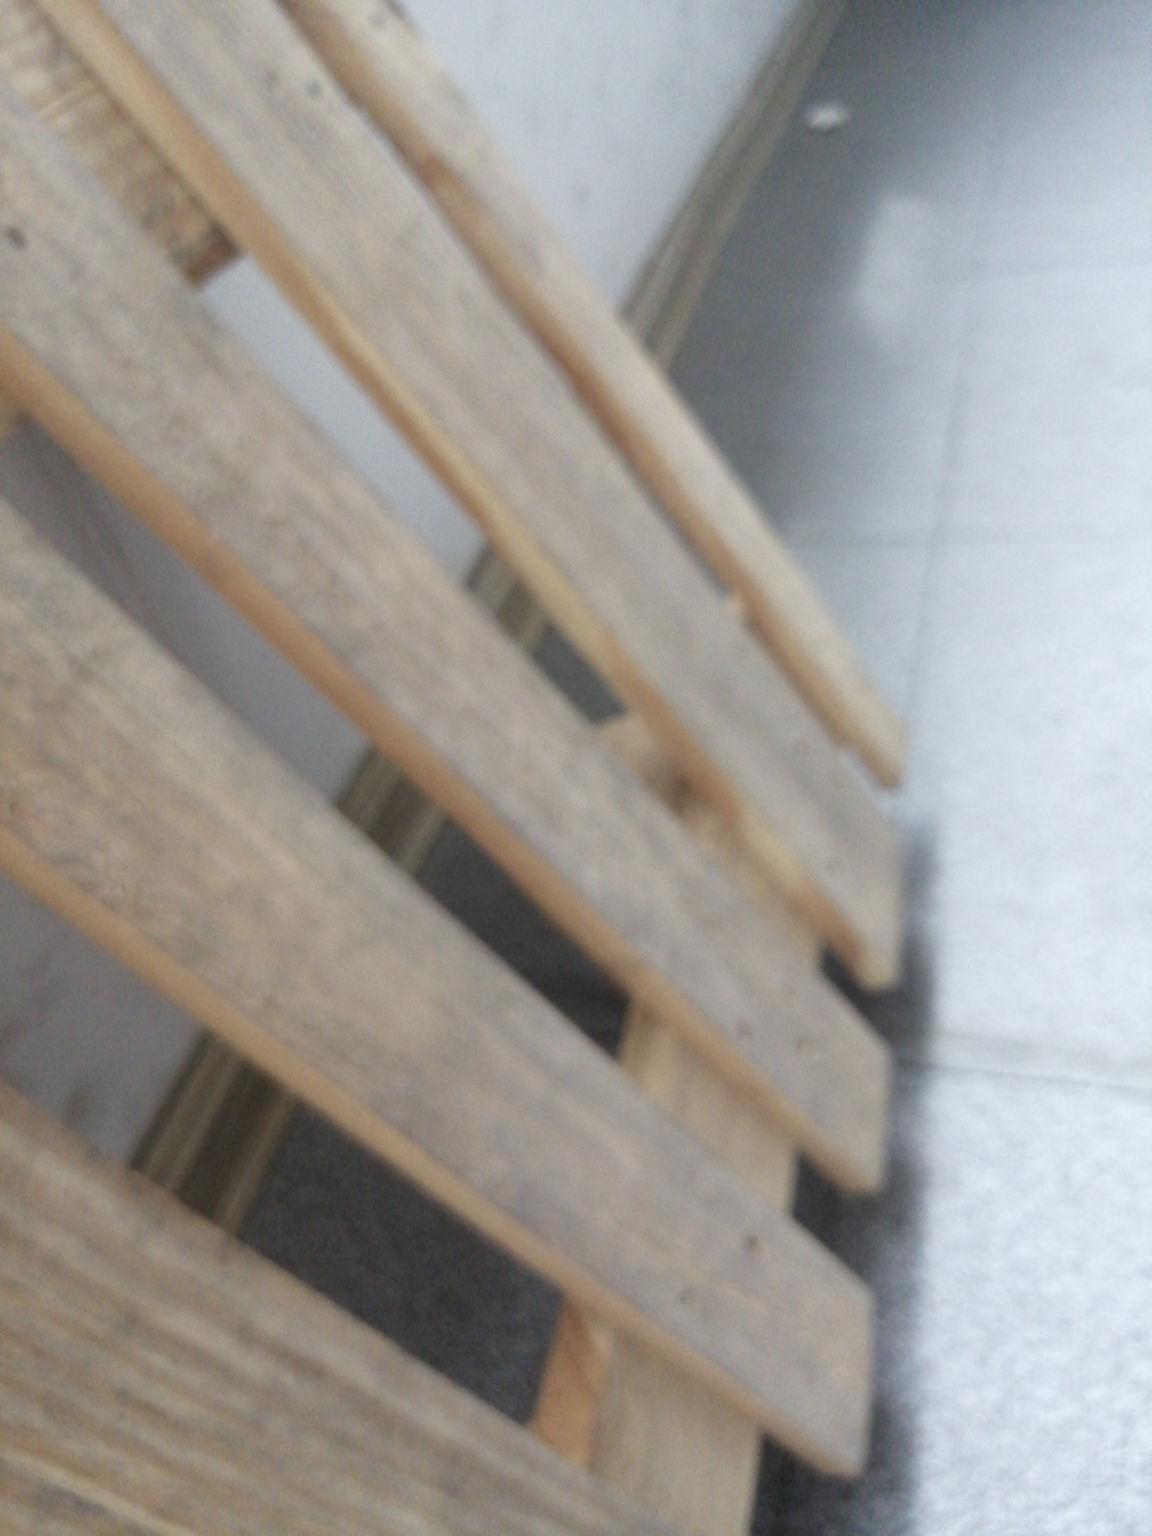 专门单面木托盘厂家批发一般是上海南京东莞广州南京上